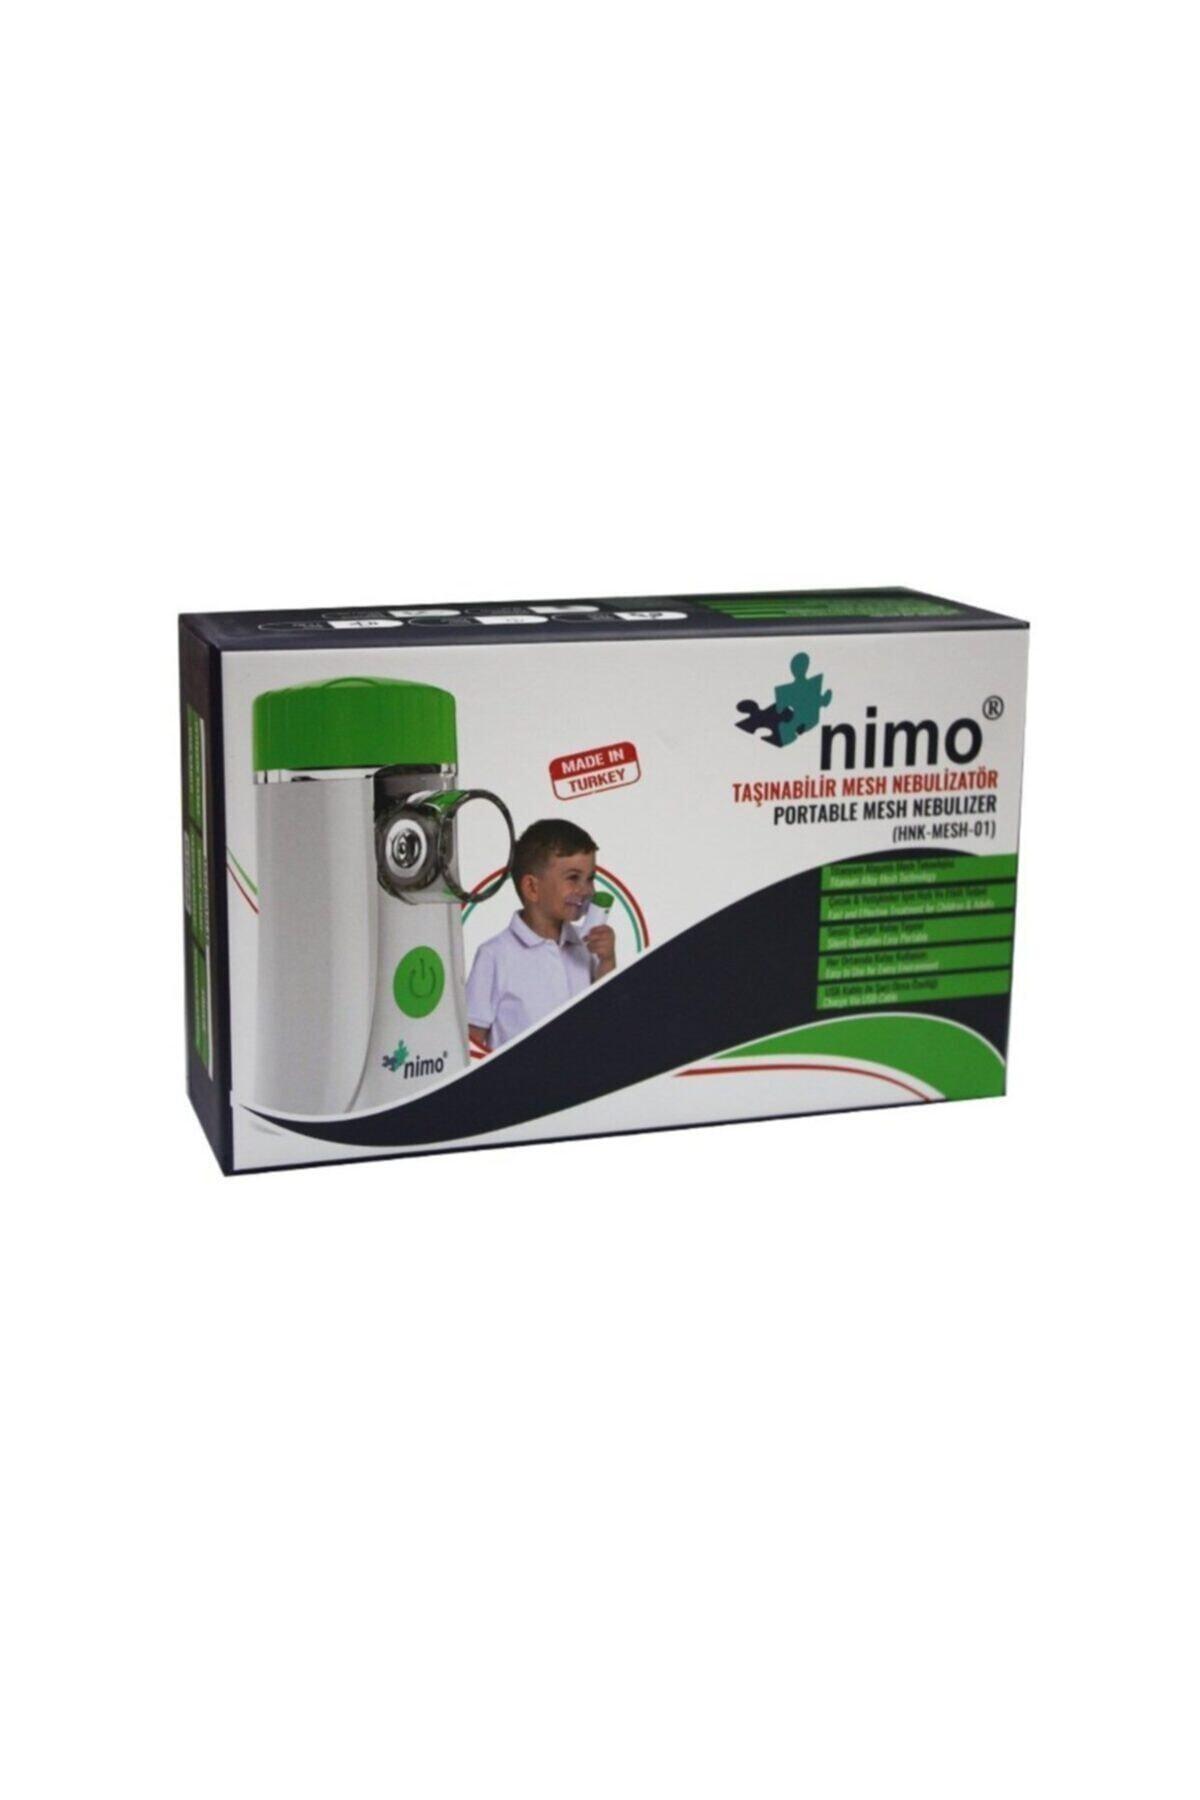 Nimo Hnk-mesh Şarj Edilebilir Taşınabilir Mini Mesh Nebulizatör 1